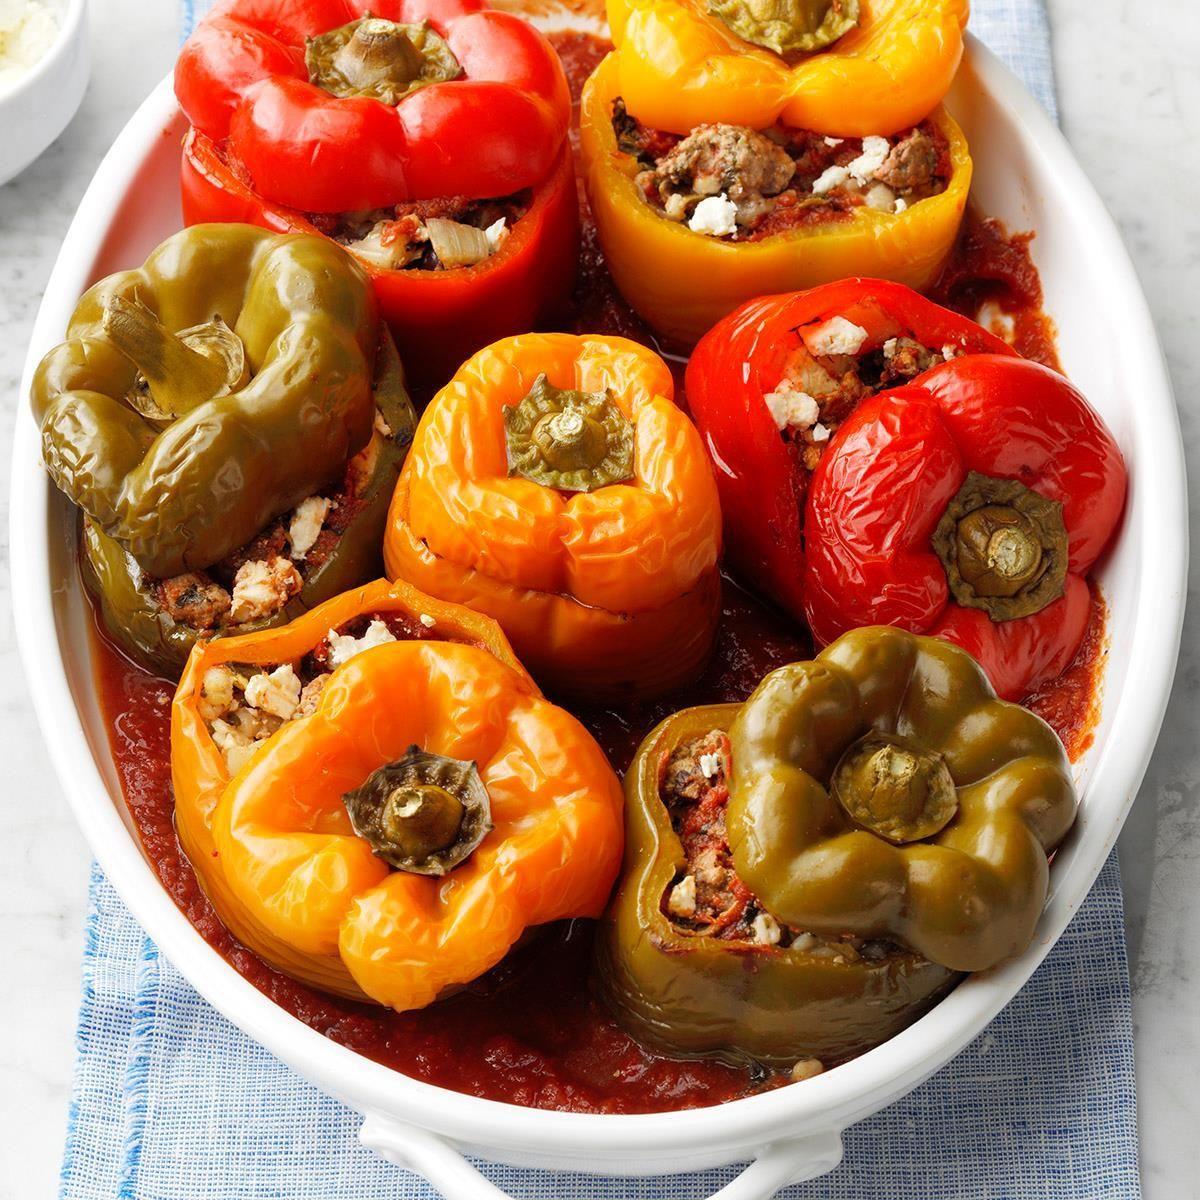 Greek Style Stuffed Peppers Recipe In 2020 Stuffed Peppers Recipes Greek Recipes